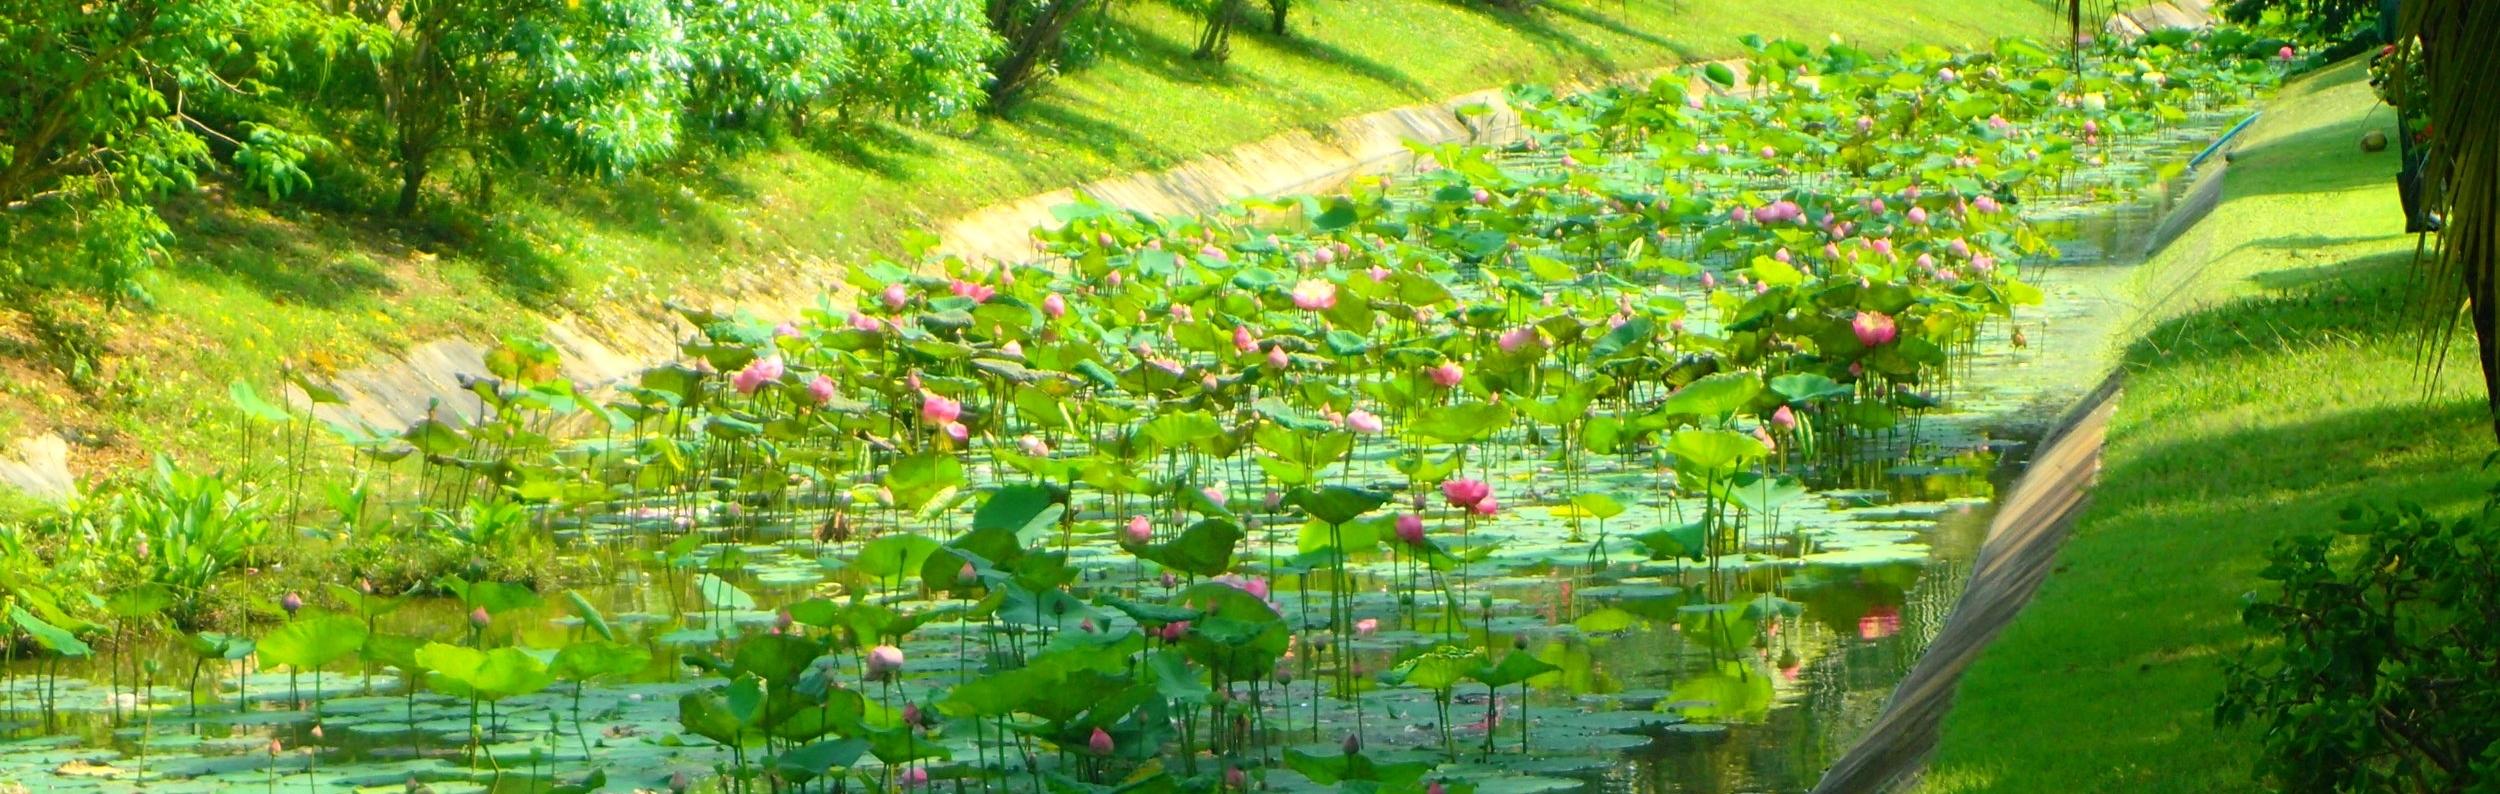 Lotus plants on Koh Samui Island, Thailand